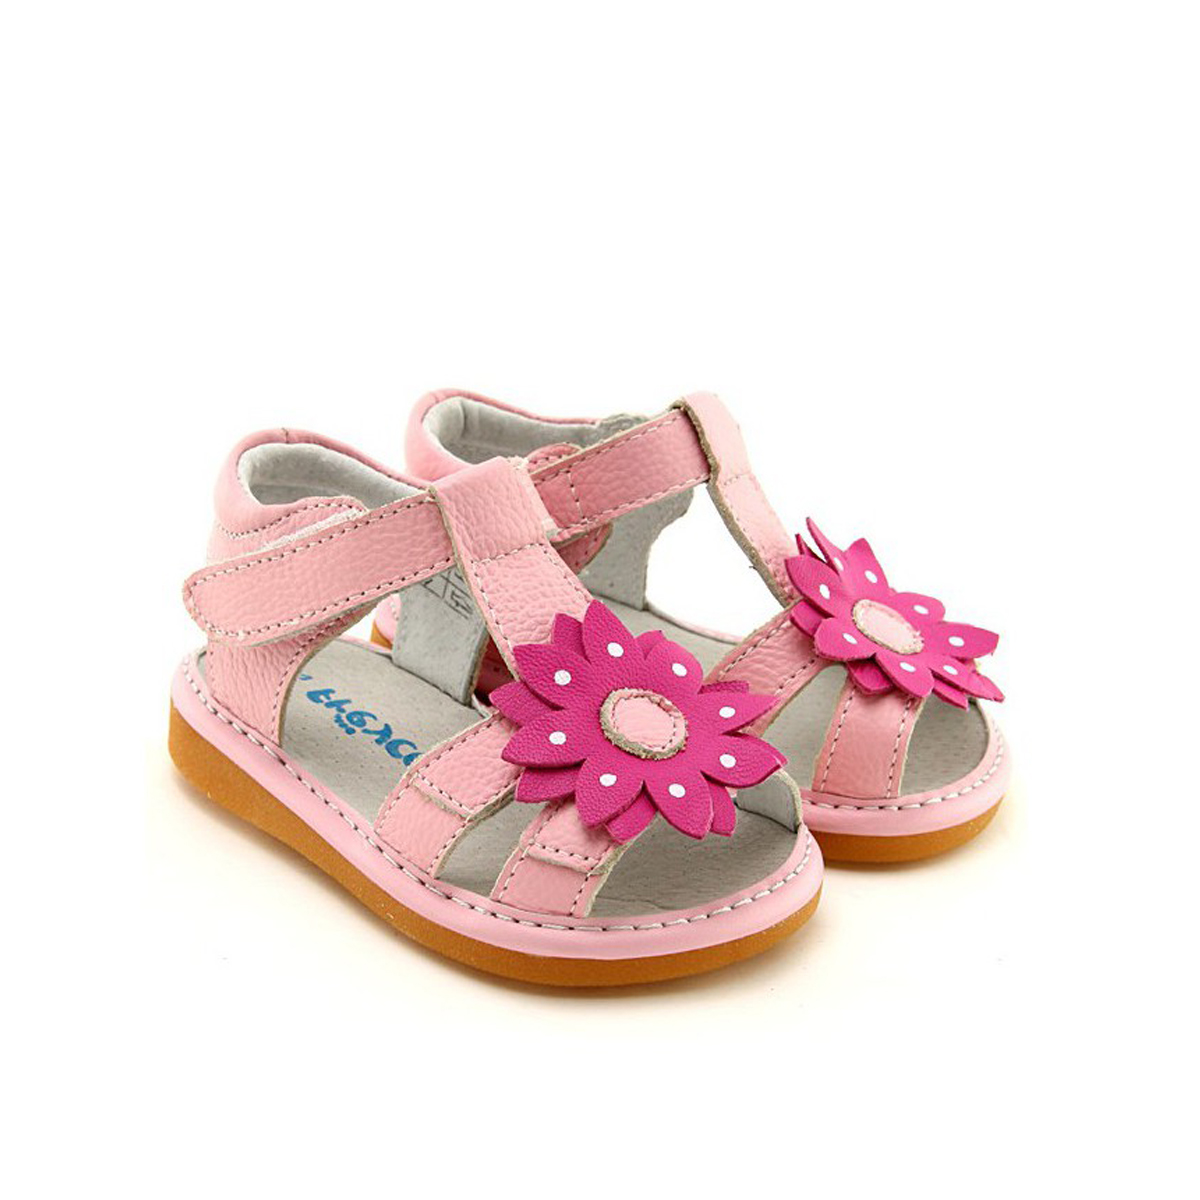 Souple Sandales Grosse Fleur Rose Chaussures Semelle À mNPyvnwO80